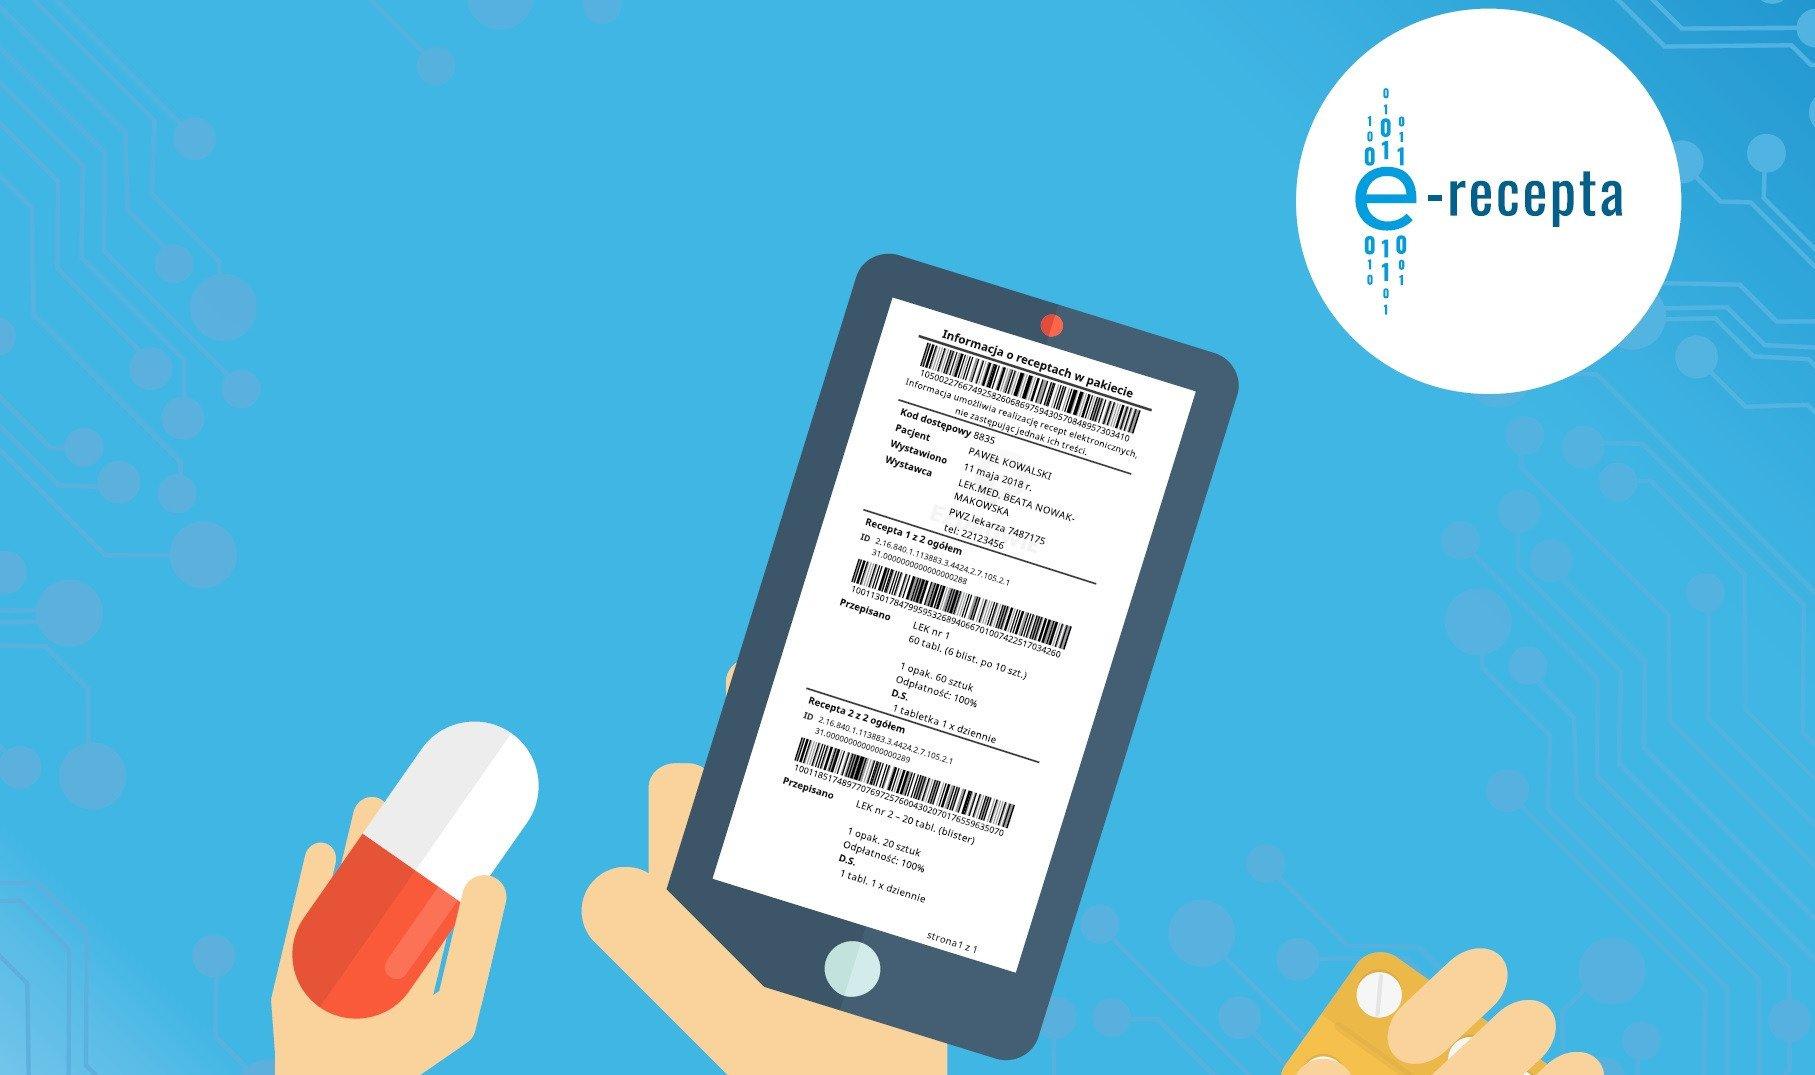 Certyfikaty P1 do obsługi recept - uwaga na termin ważności